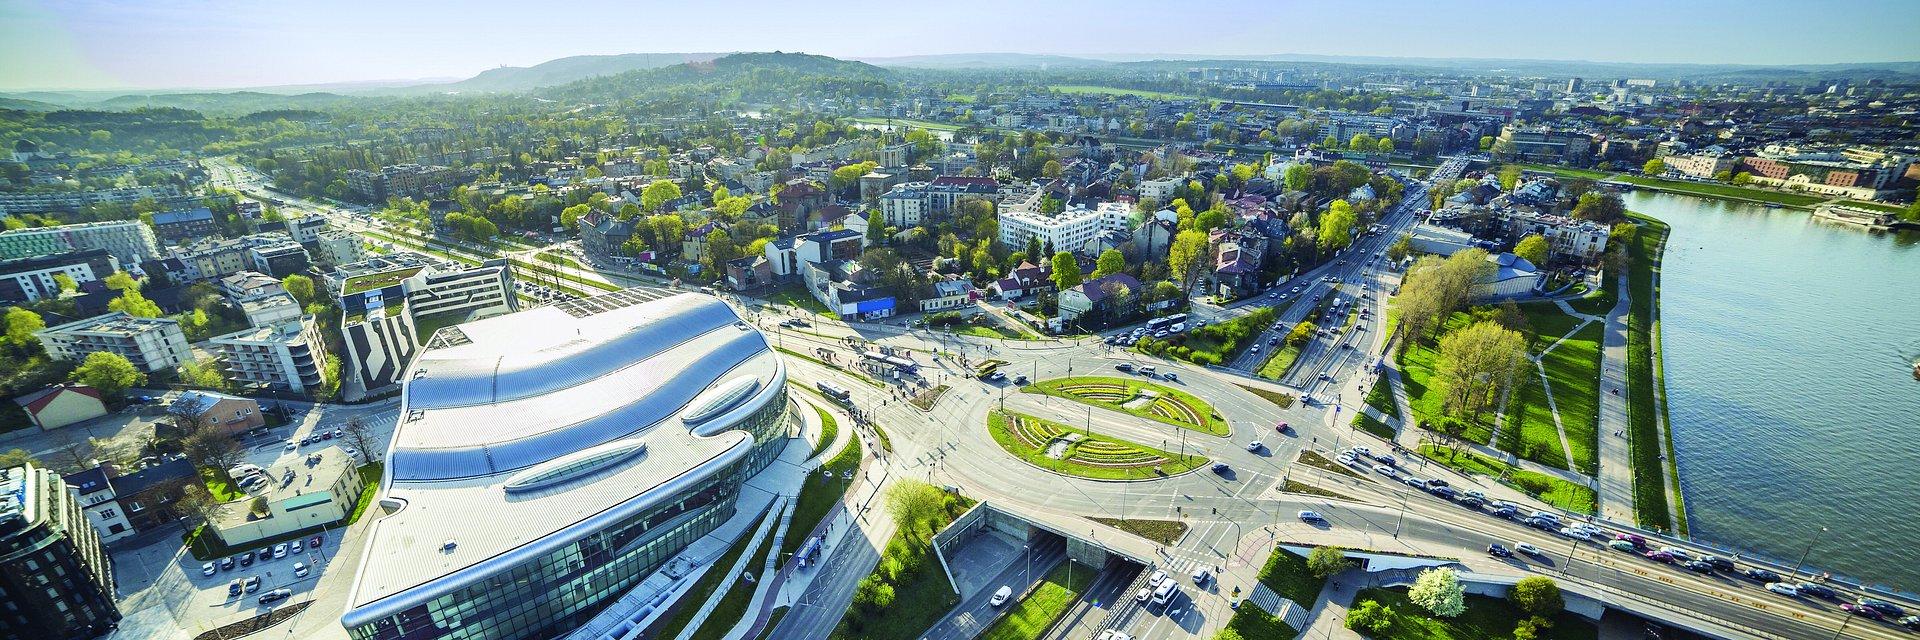 Regionalne rynki powierzchni biurowych depczą Warszawie po piętach